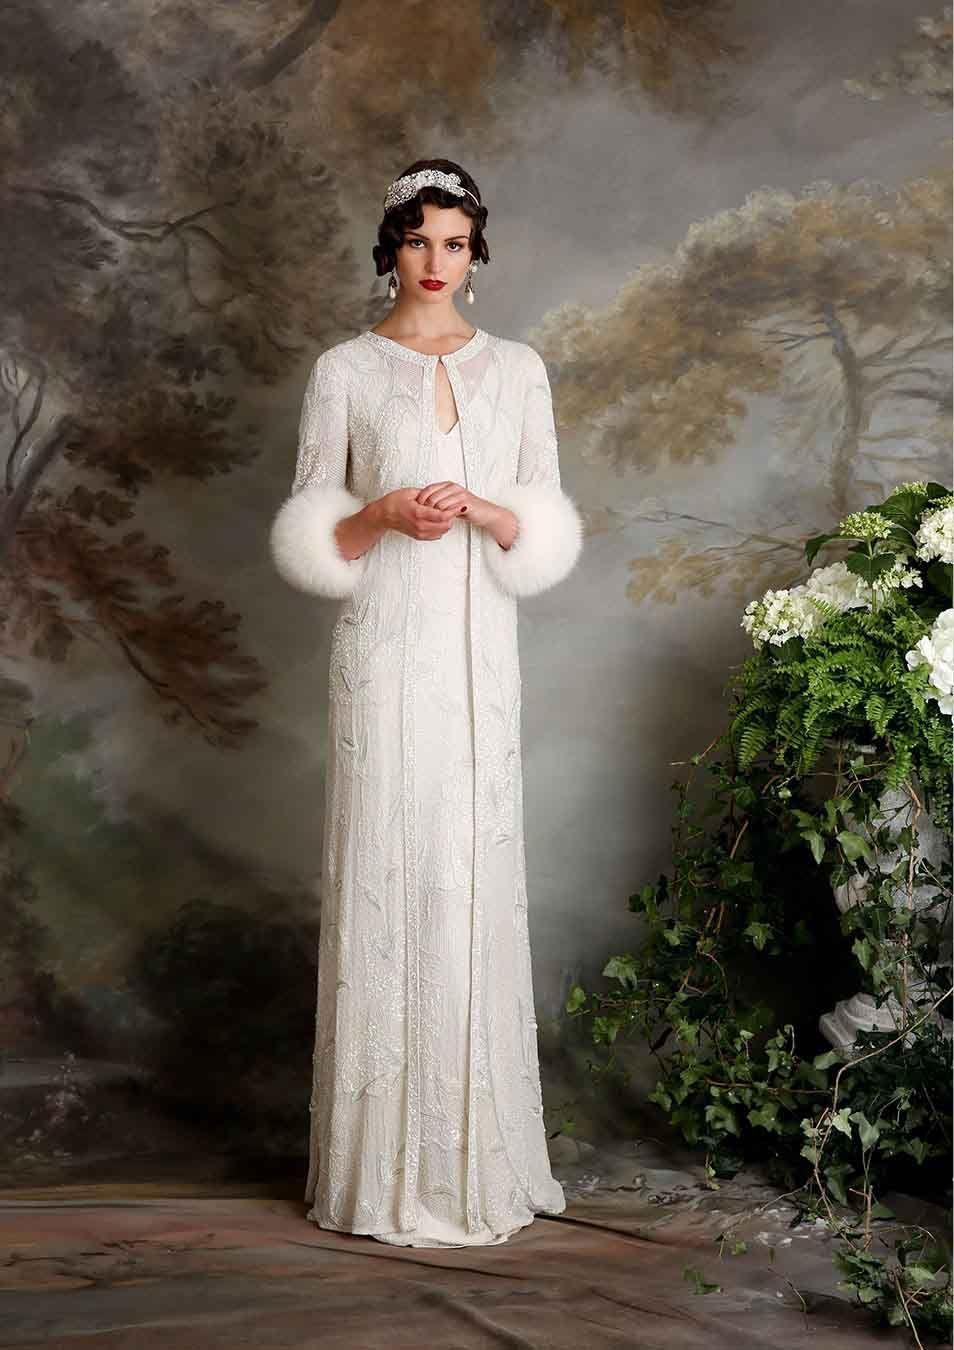 zapatos exclusivos mejores ofertas en aliexpress Flechazo #innovias: abrigos de novia estilo años 20 ...